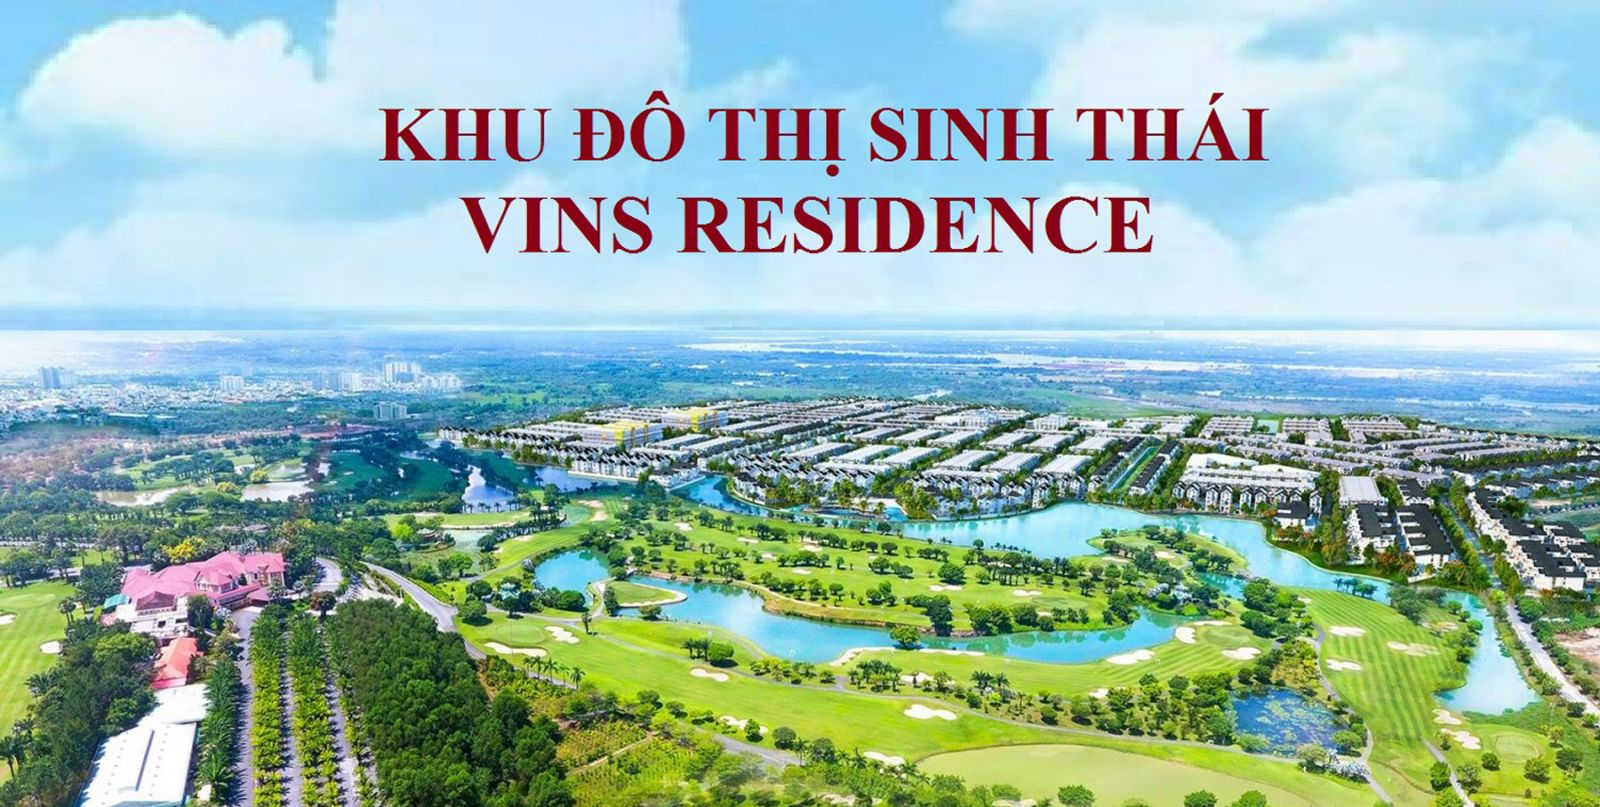 vins-residence